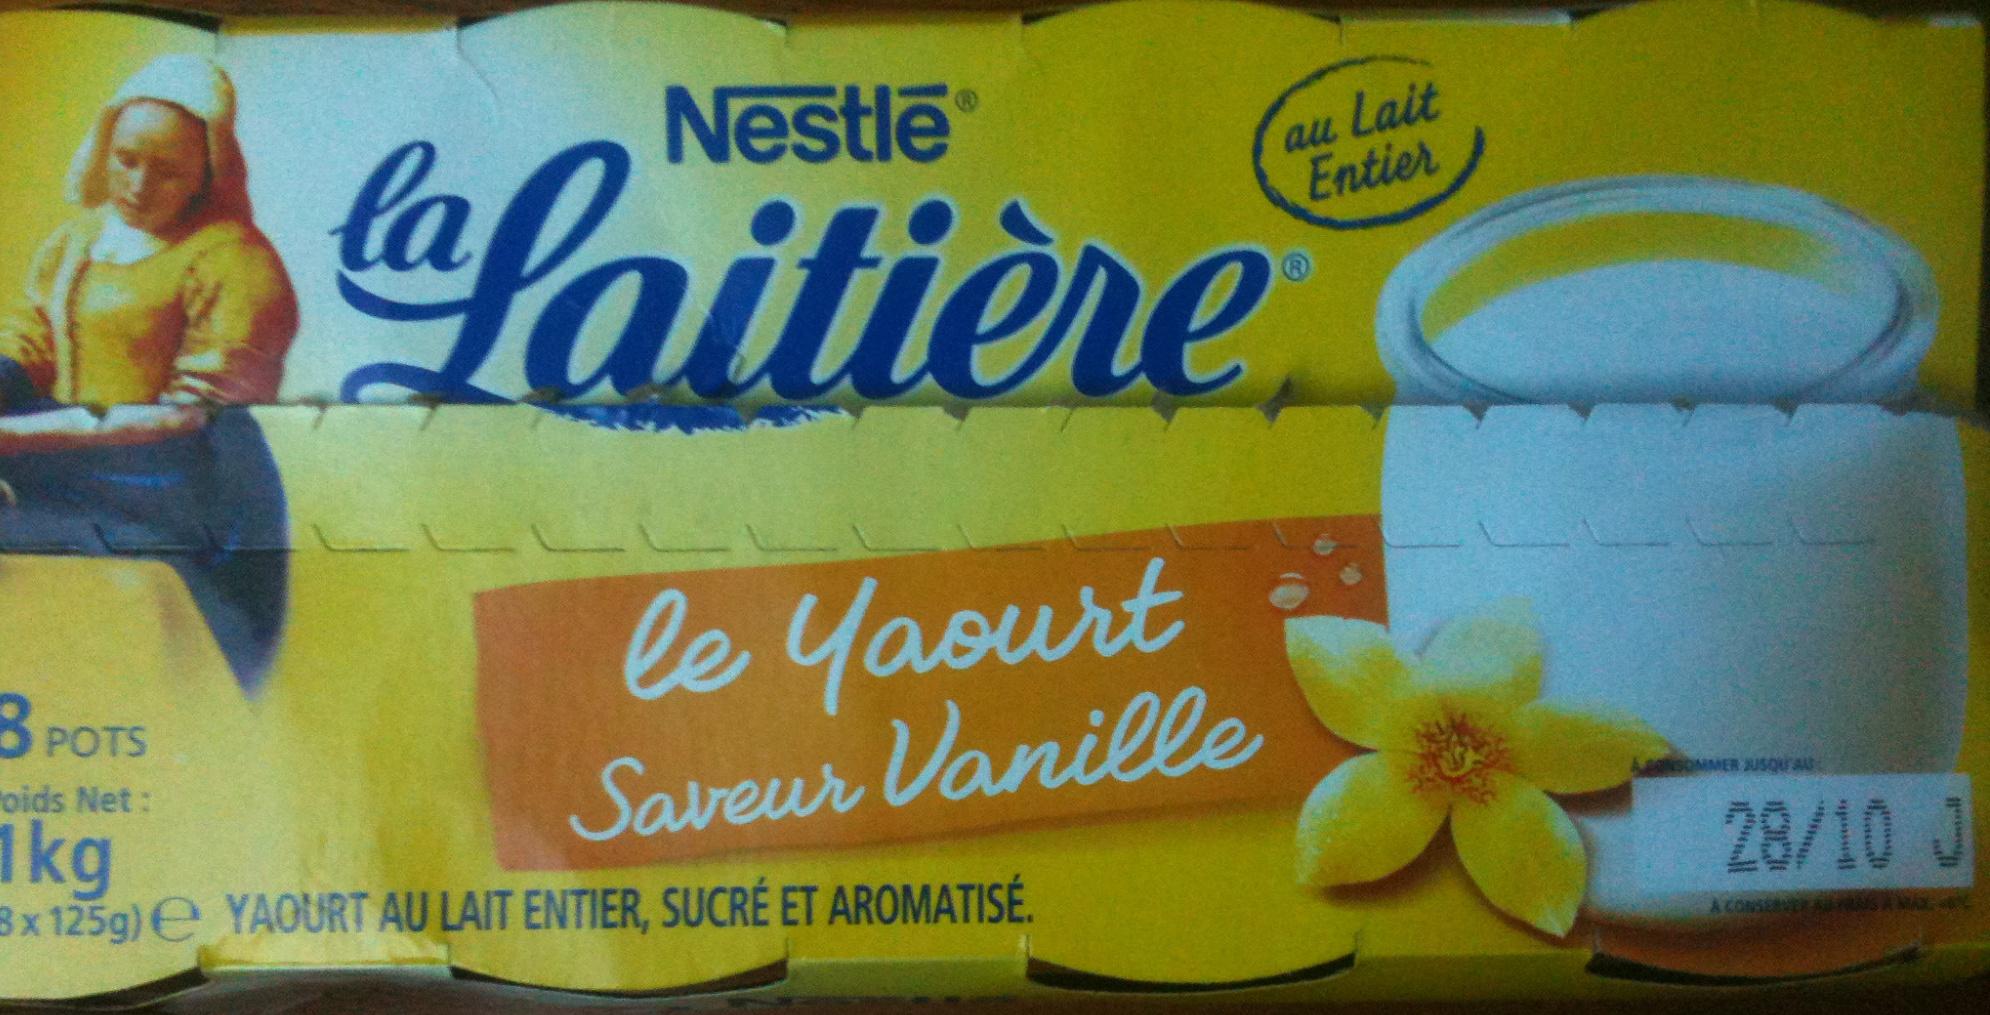 Le Yaourt, Saveur Vanille (8 Pots) - Produit - fr